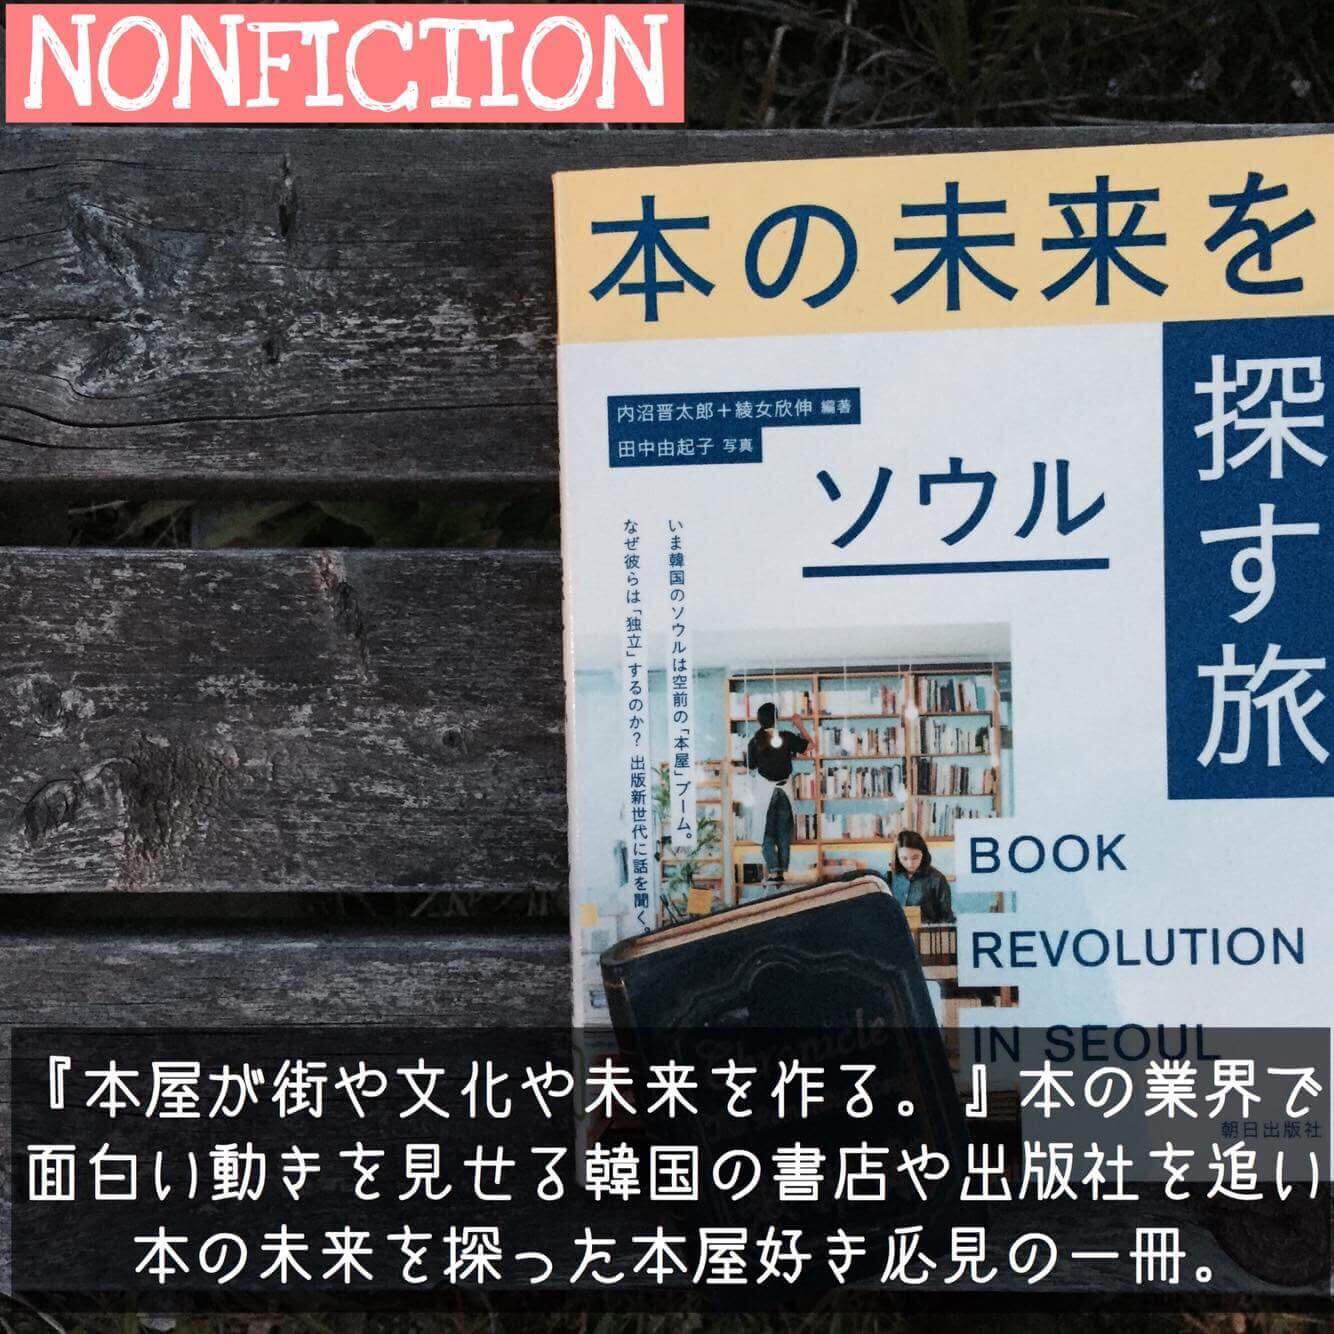 「本の未来を探す旅」画像